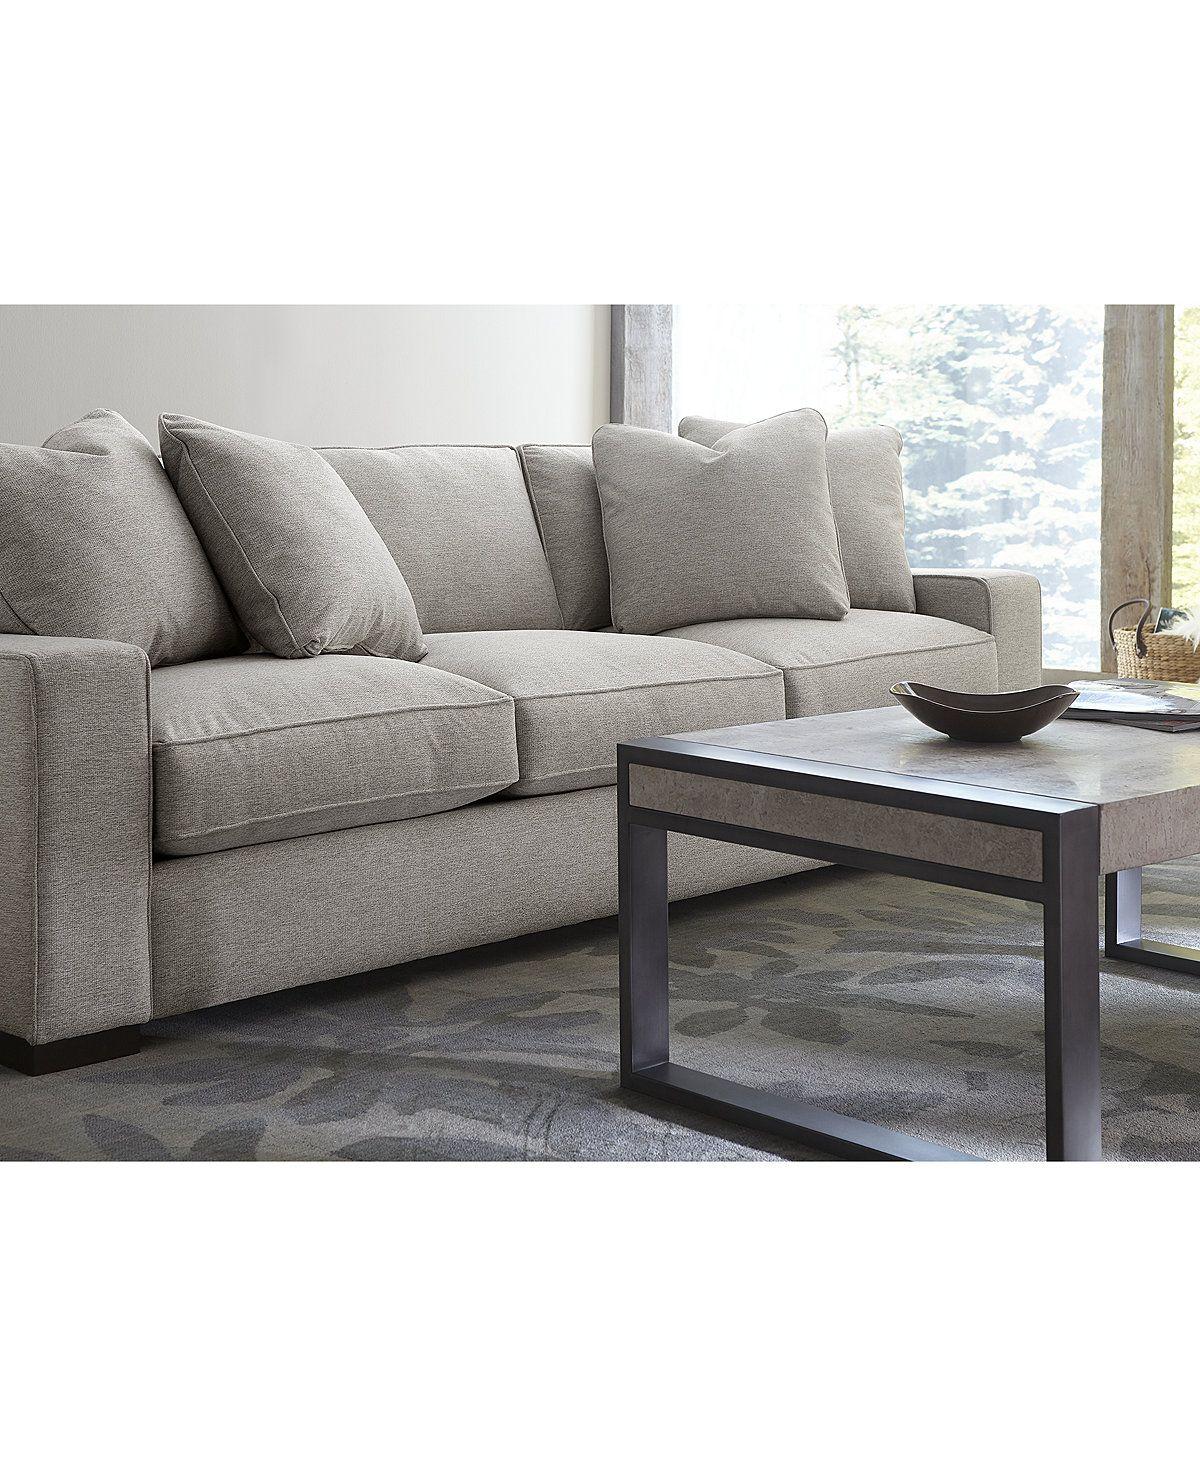 Eitelkeit Xxl Couch Dekoration Von Bangor 103 Fabric Sofa, Created For Macy